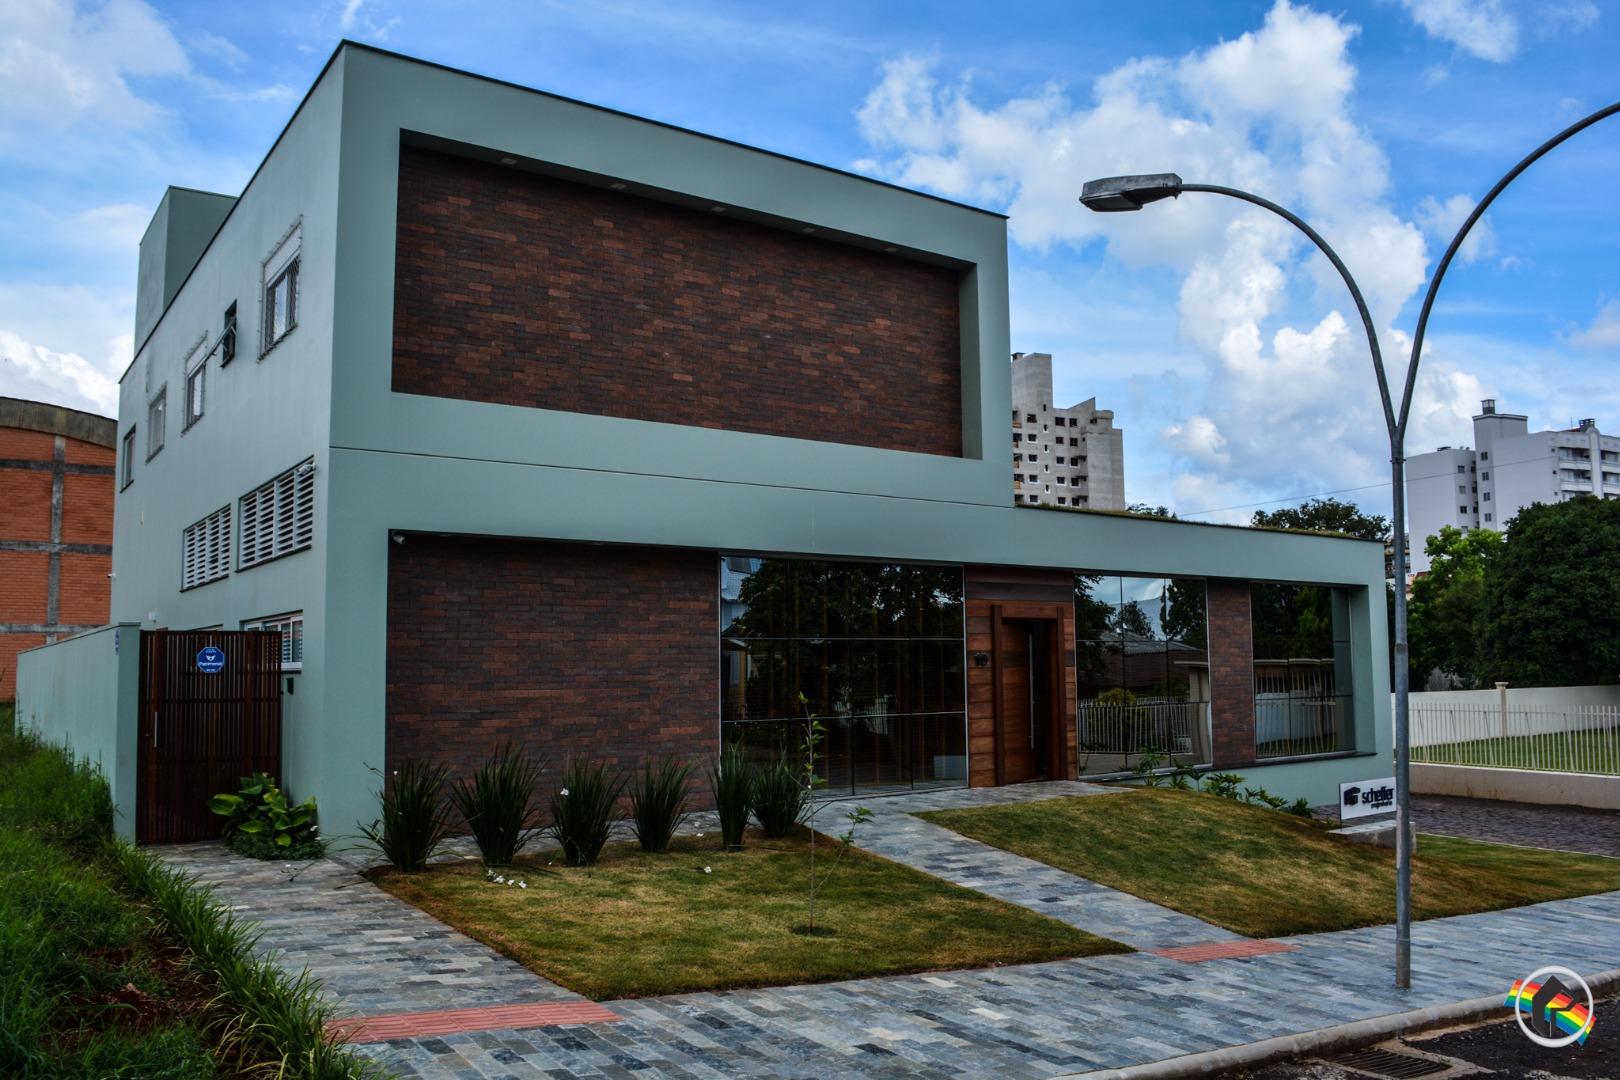 VÍDEO: Scheffer engenharia inaugura em São Miguel do Oeste